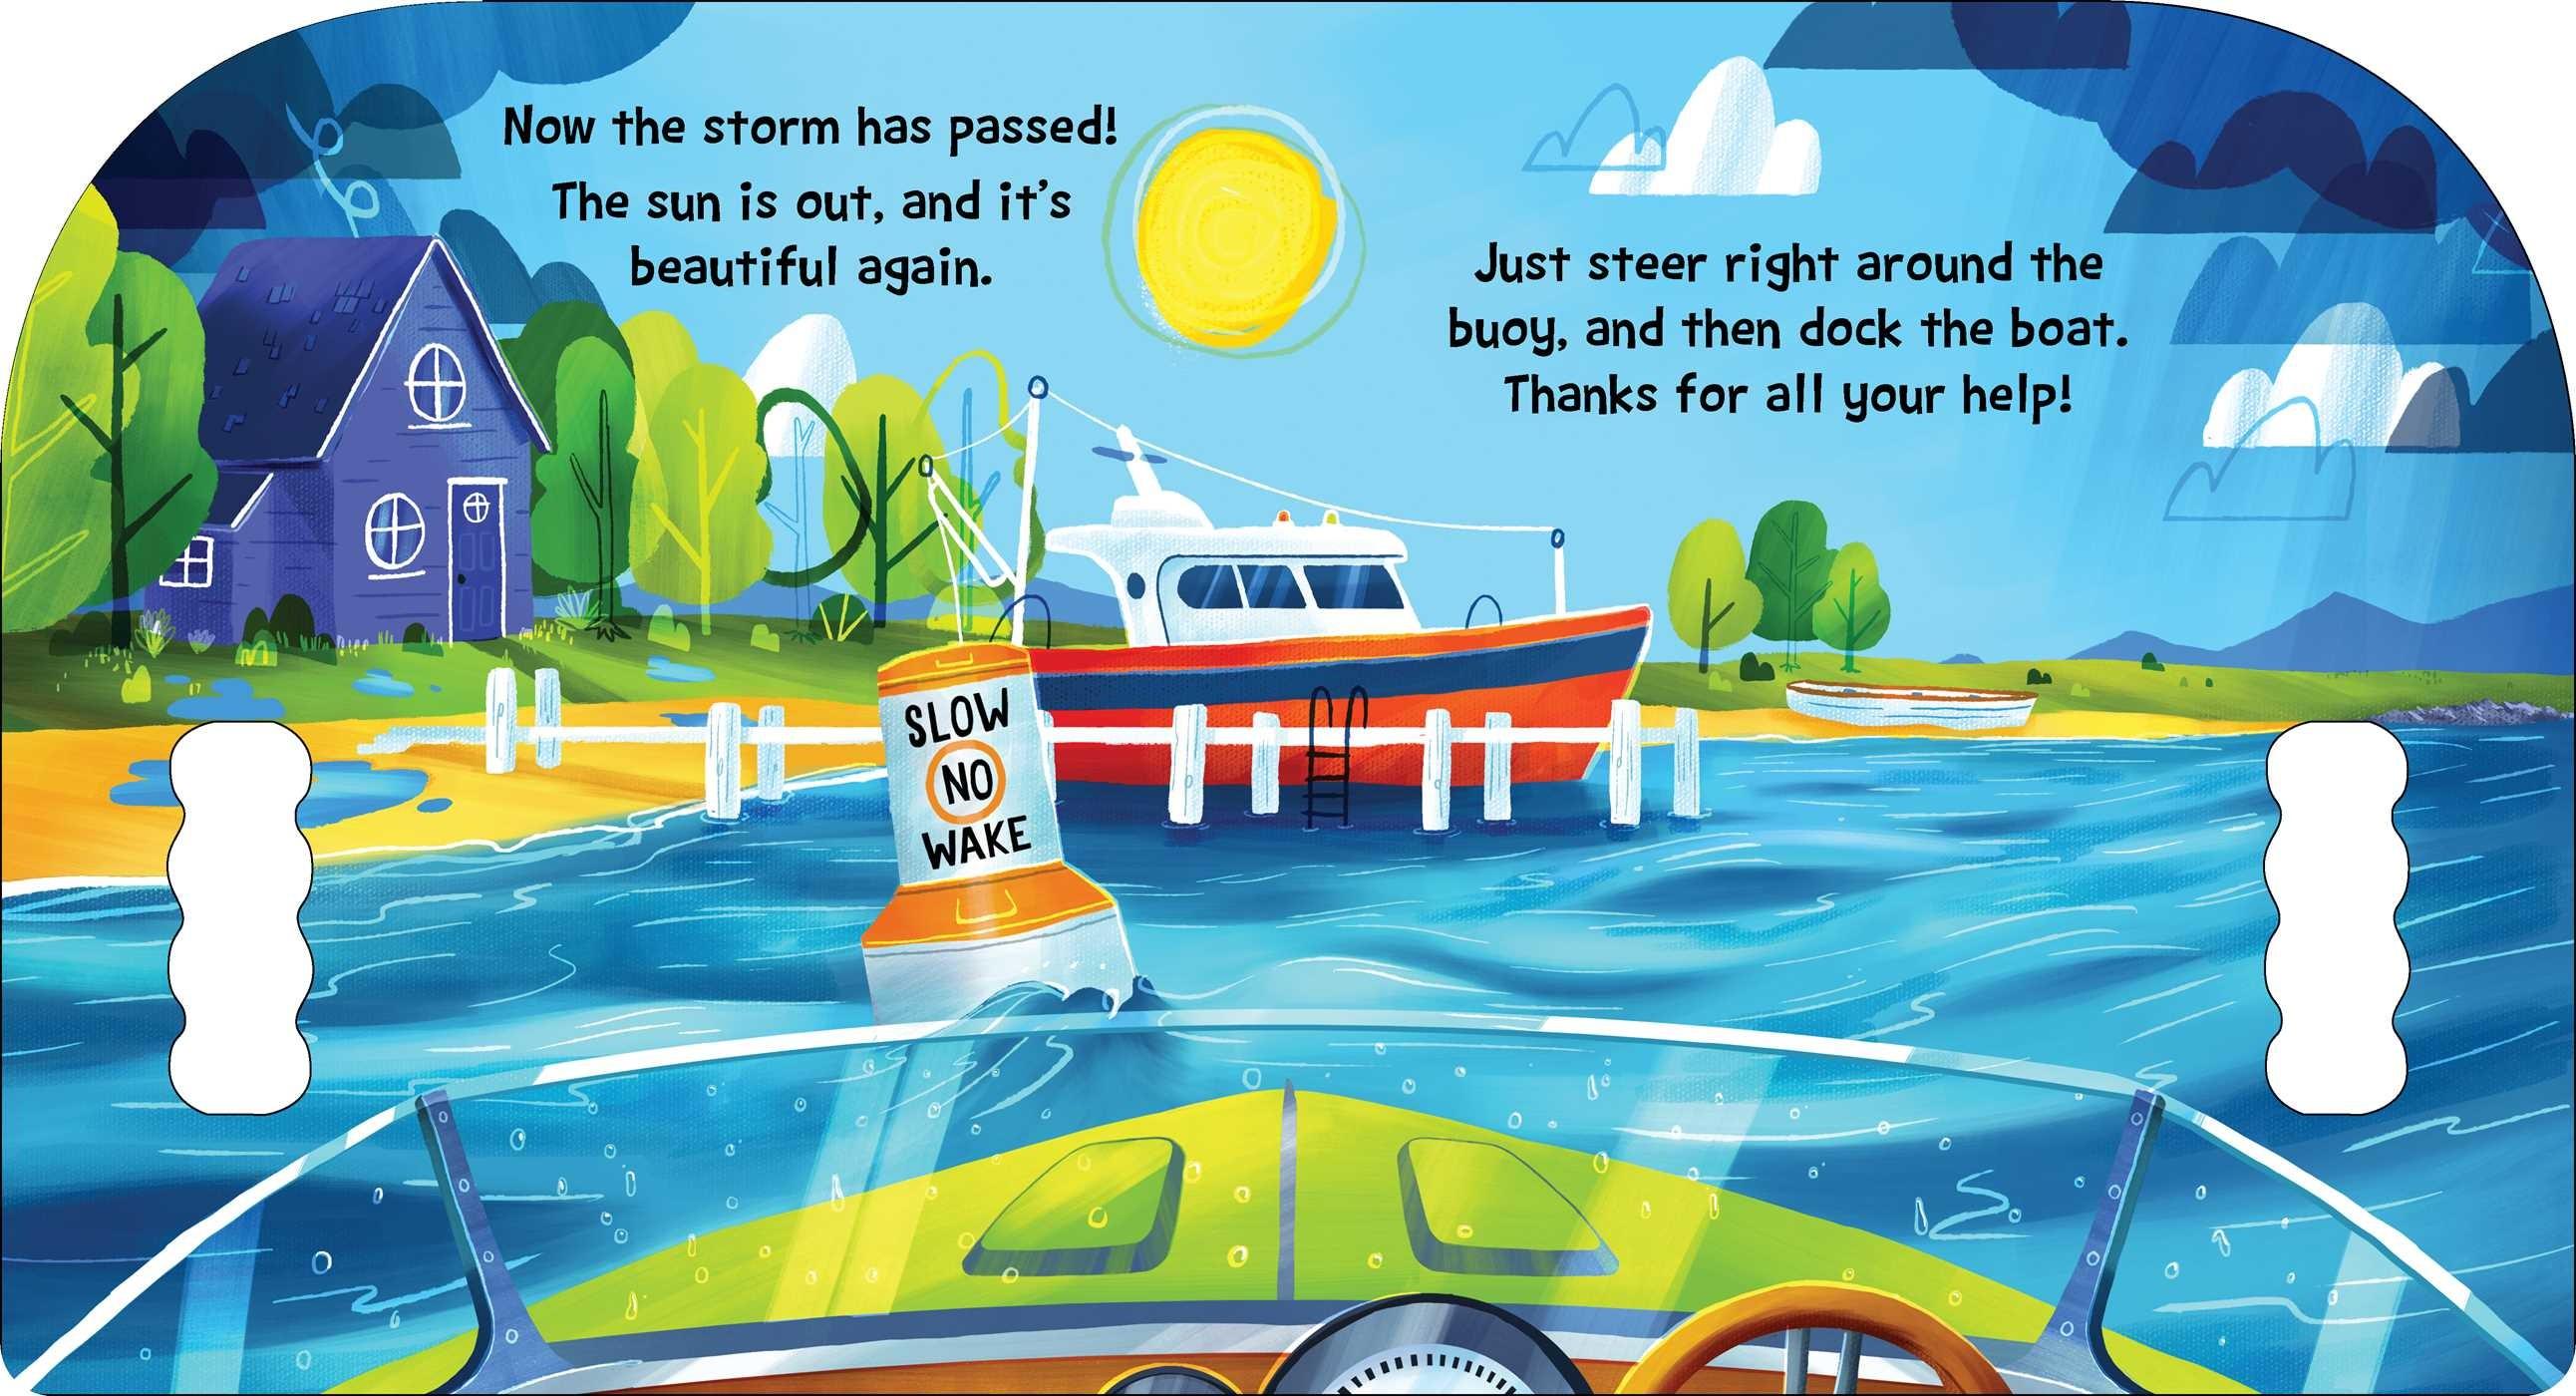 Speedboat splash 9781499806274.in06